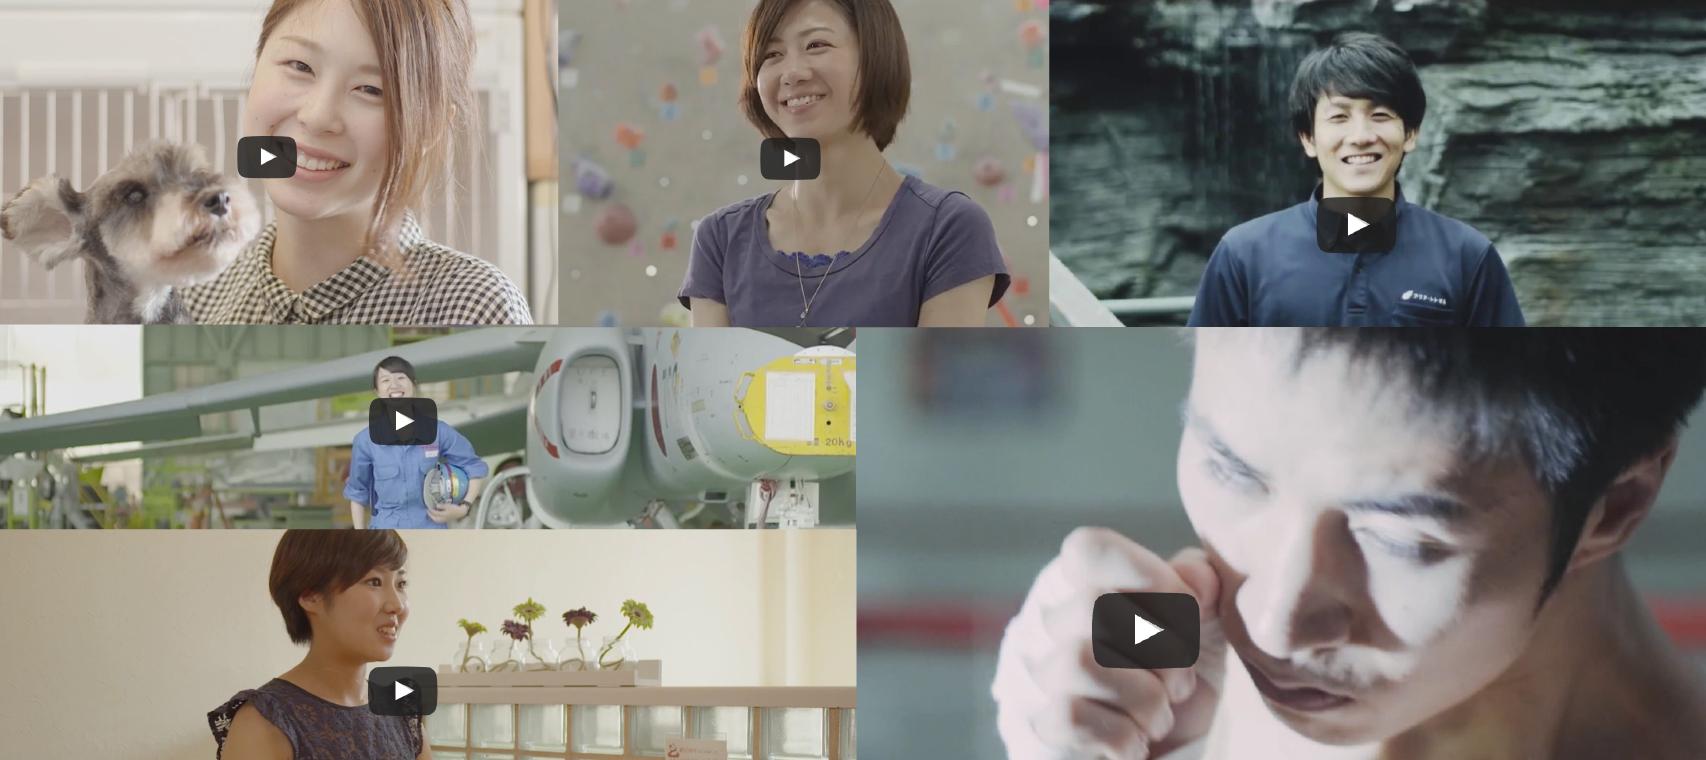 各務原で働く若者たちのライフスタイルを追ったインタビュー映像集が公開。